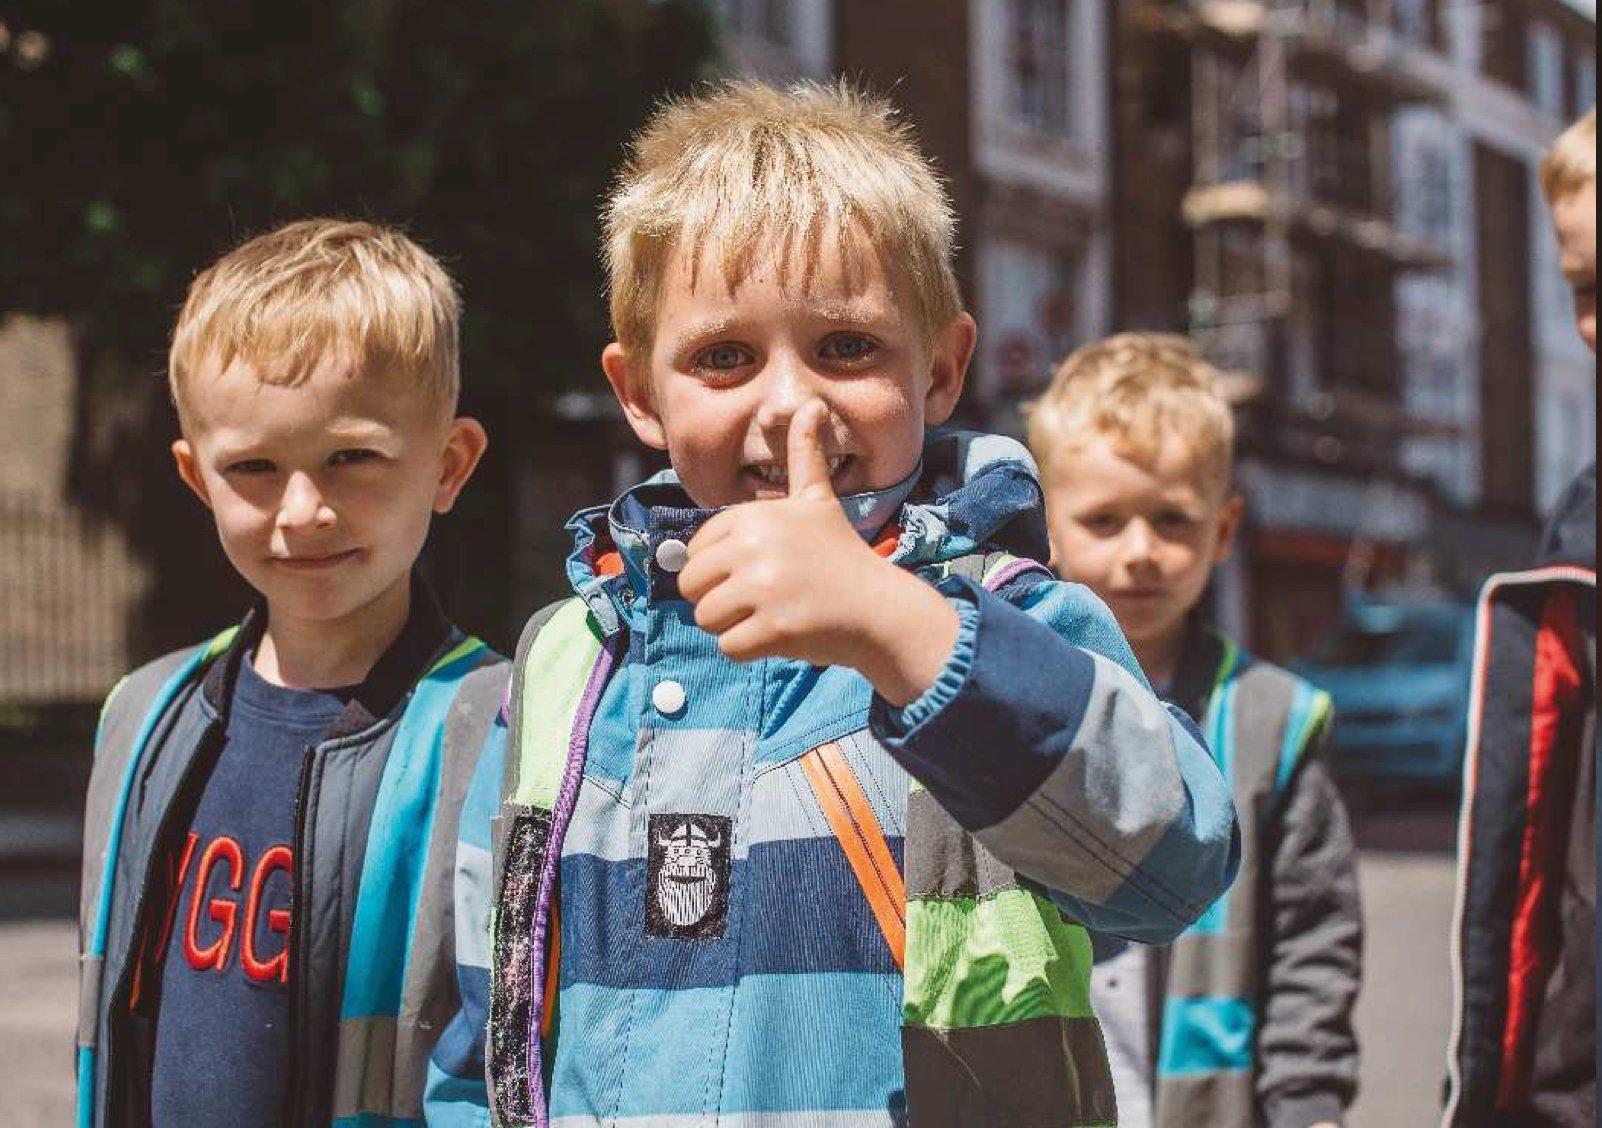 Dania Scandinavian School